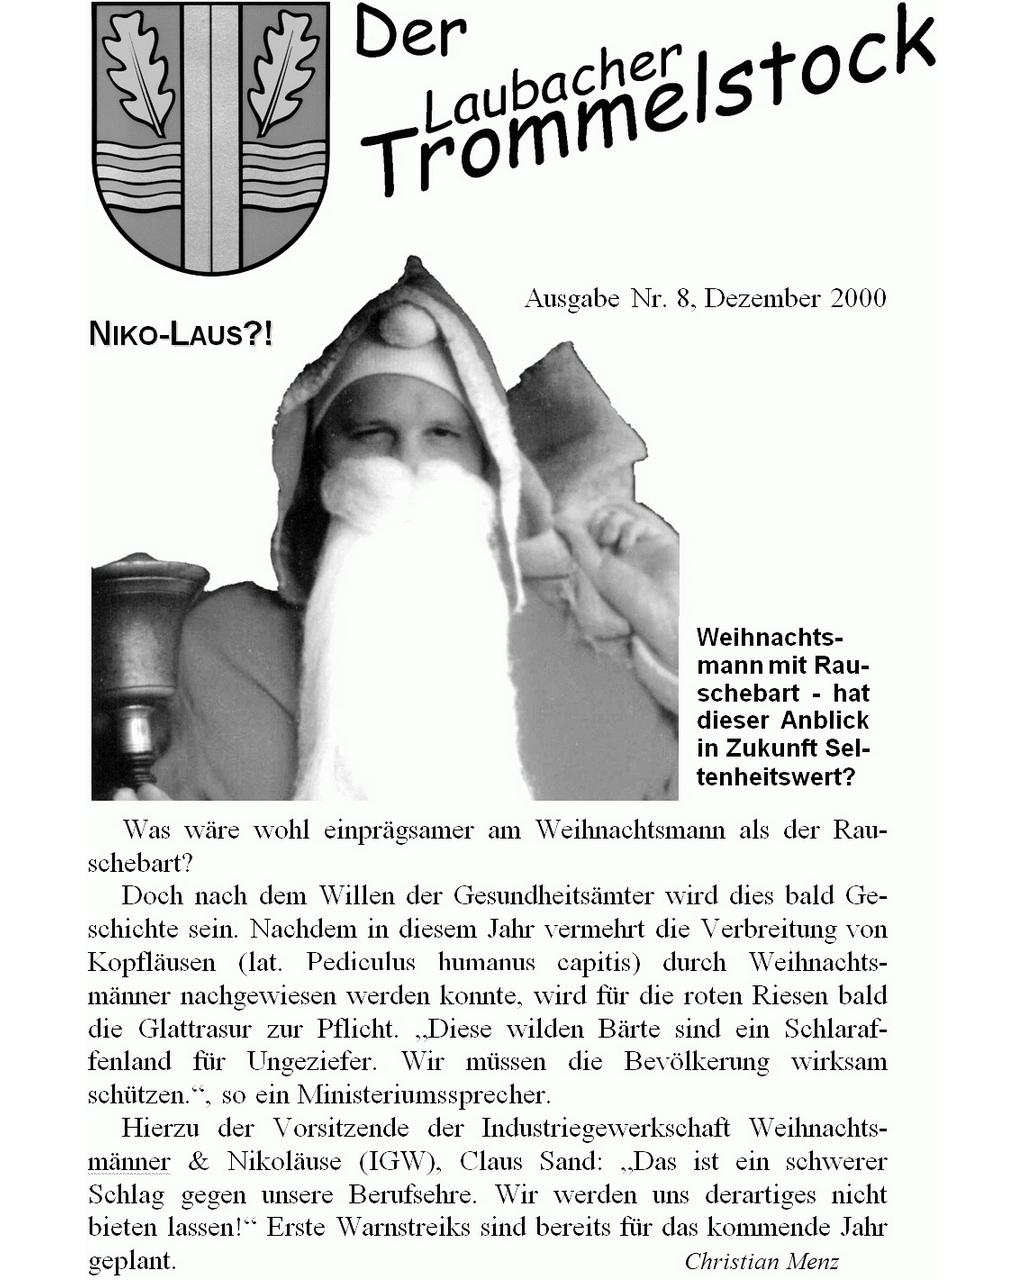 Laubacher-Trommelstock-Titelseite-008